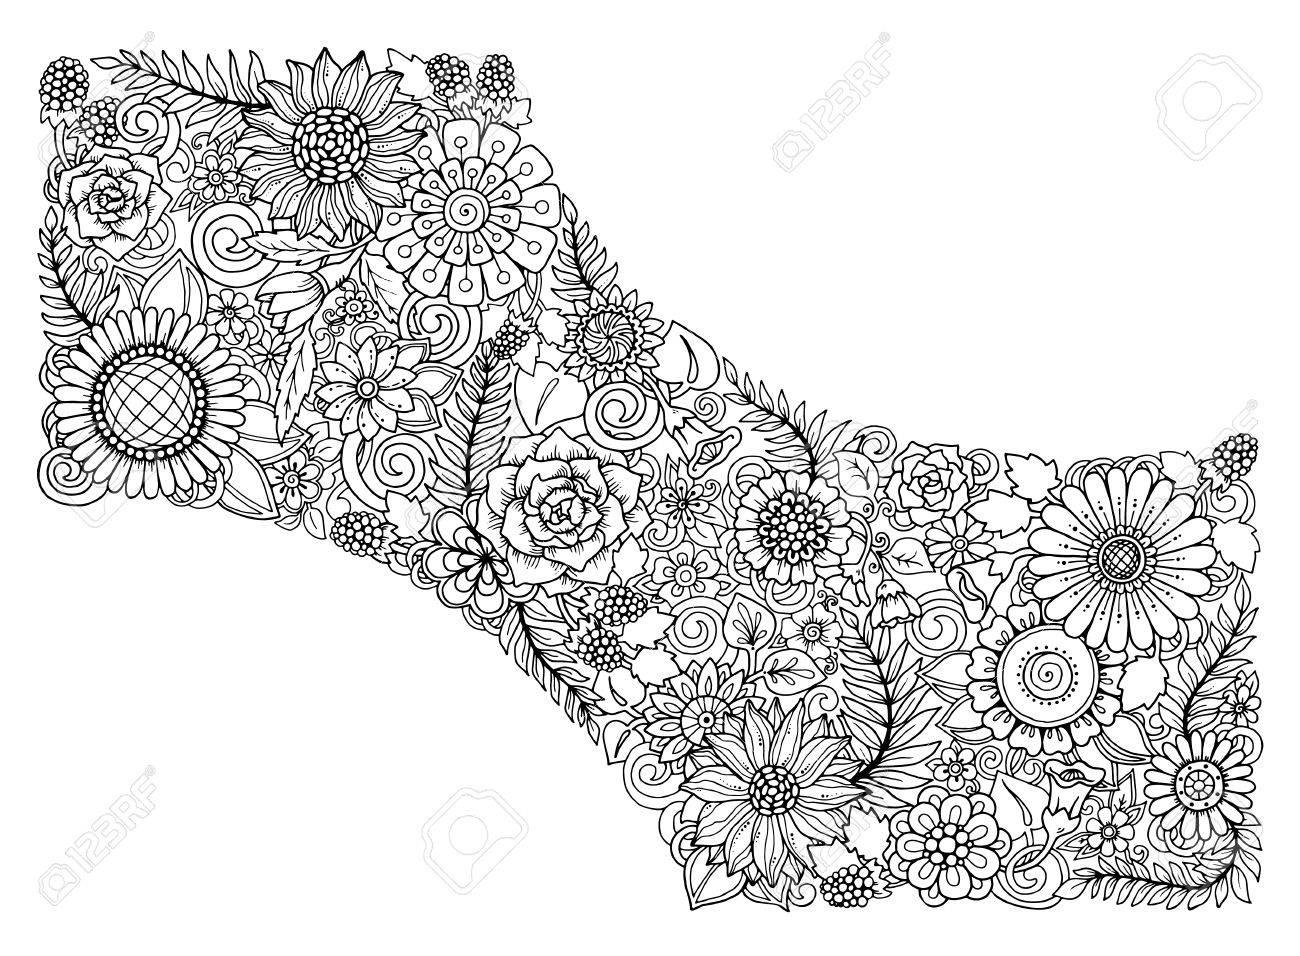 Tarjeta Floral Blanco Y Negro Dibujado A Mano Patron De Flores